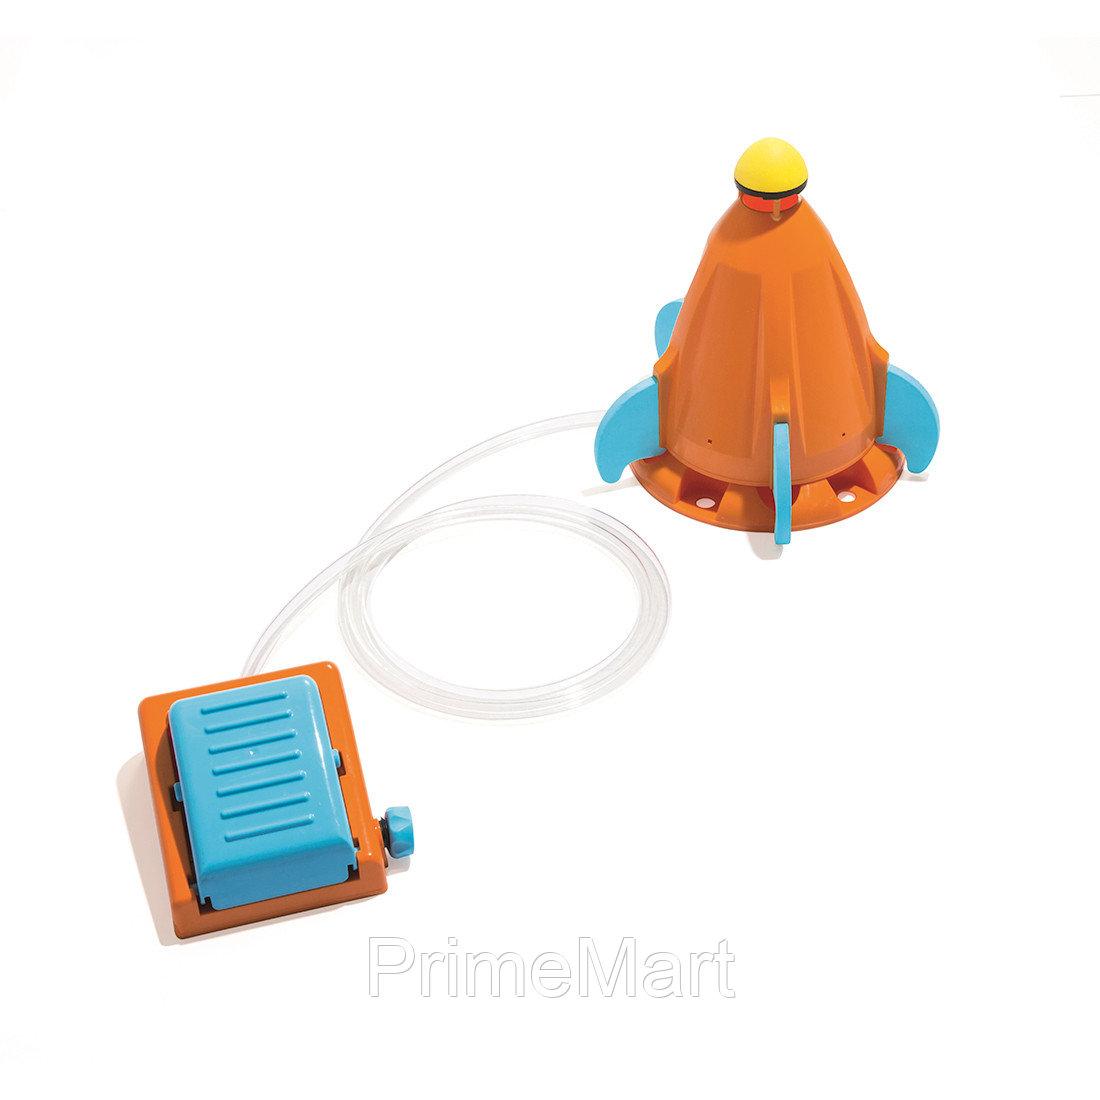 Водная игрушка Xtreme Rocket Blaster, BESTWAY, 52257, Винил, Оранжевая, Цветная коробка